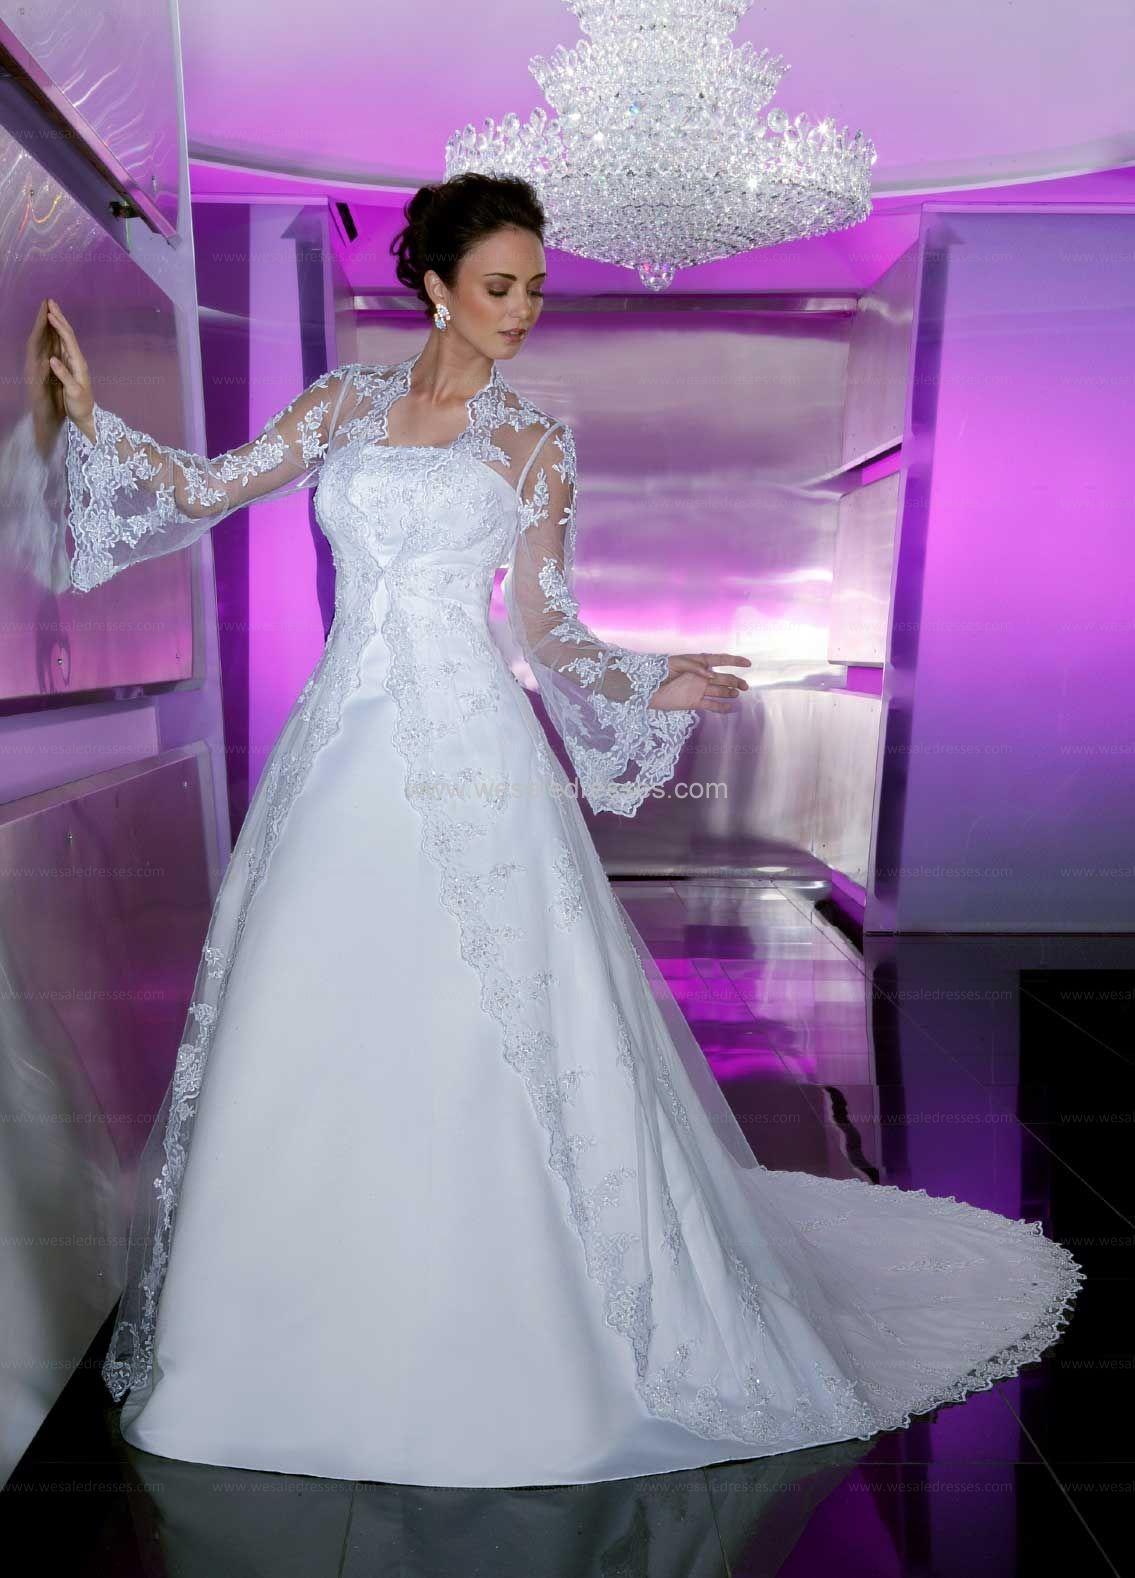 Wedding dresses for older ladies  LenaK koukakie on Pinterest